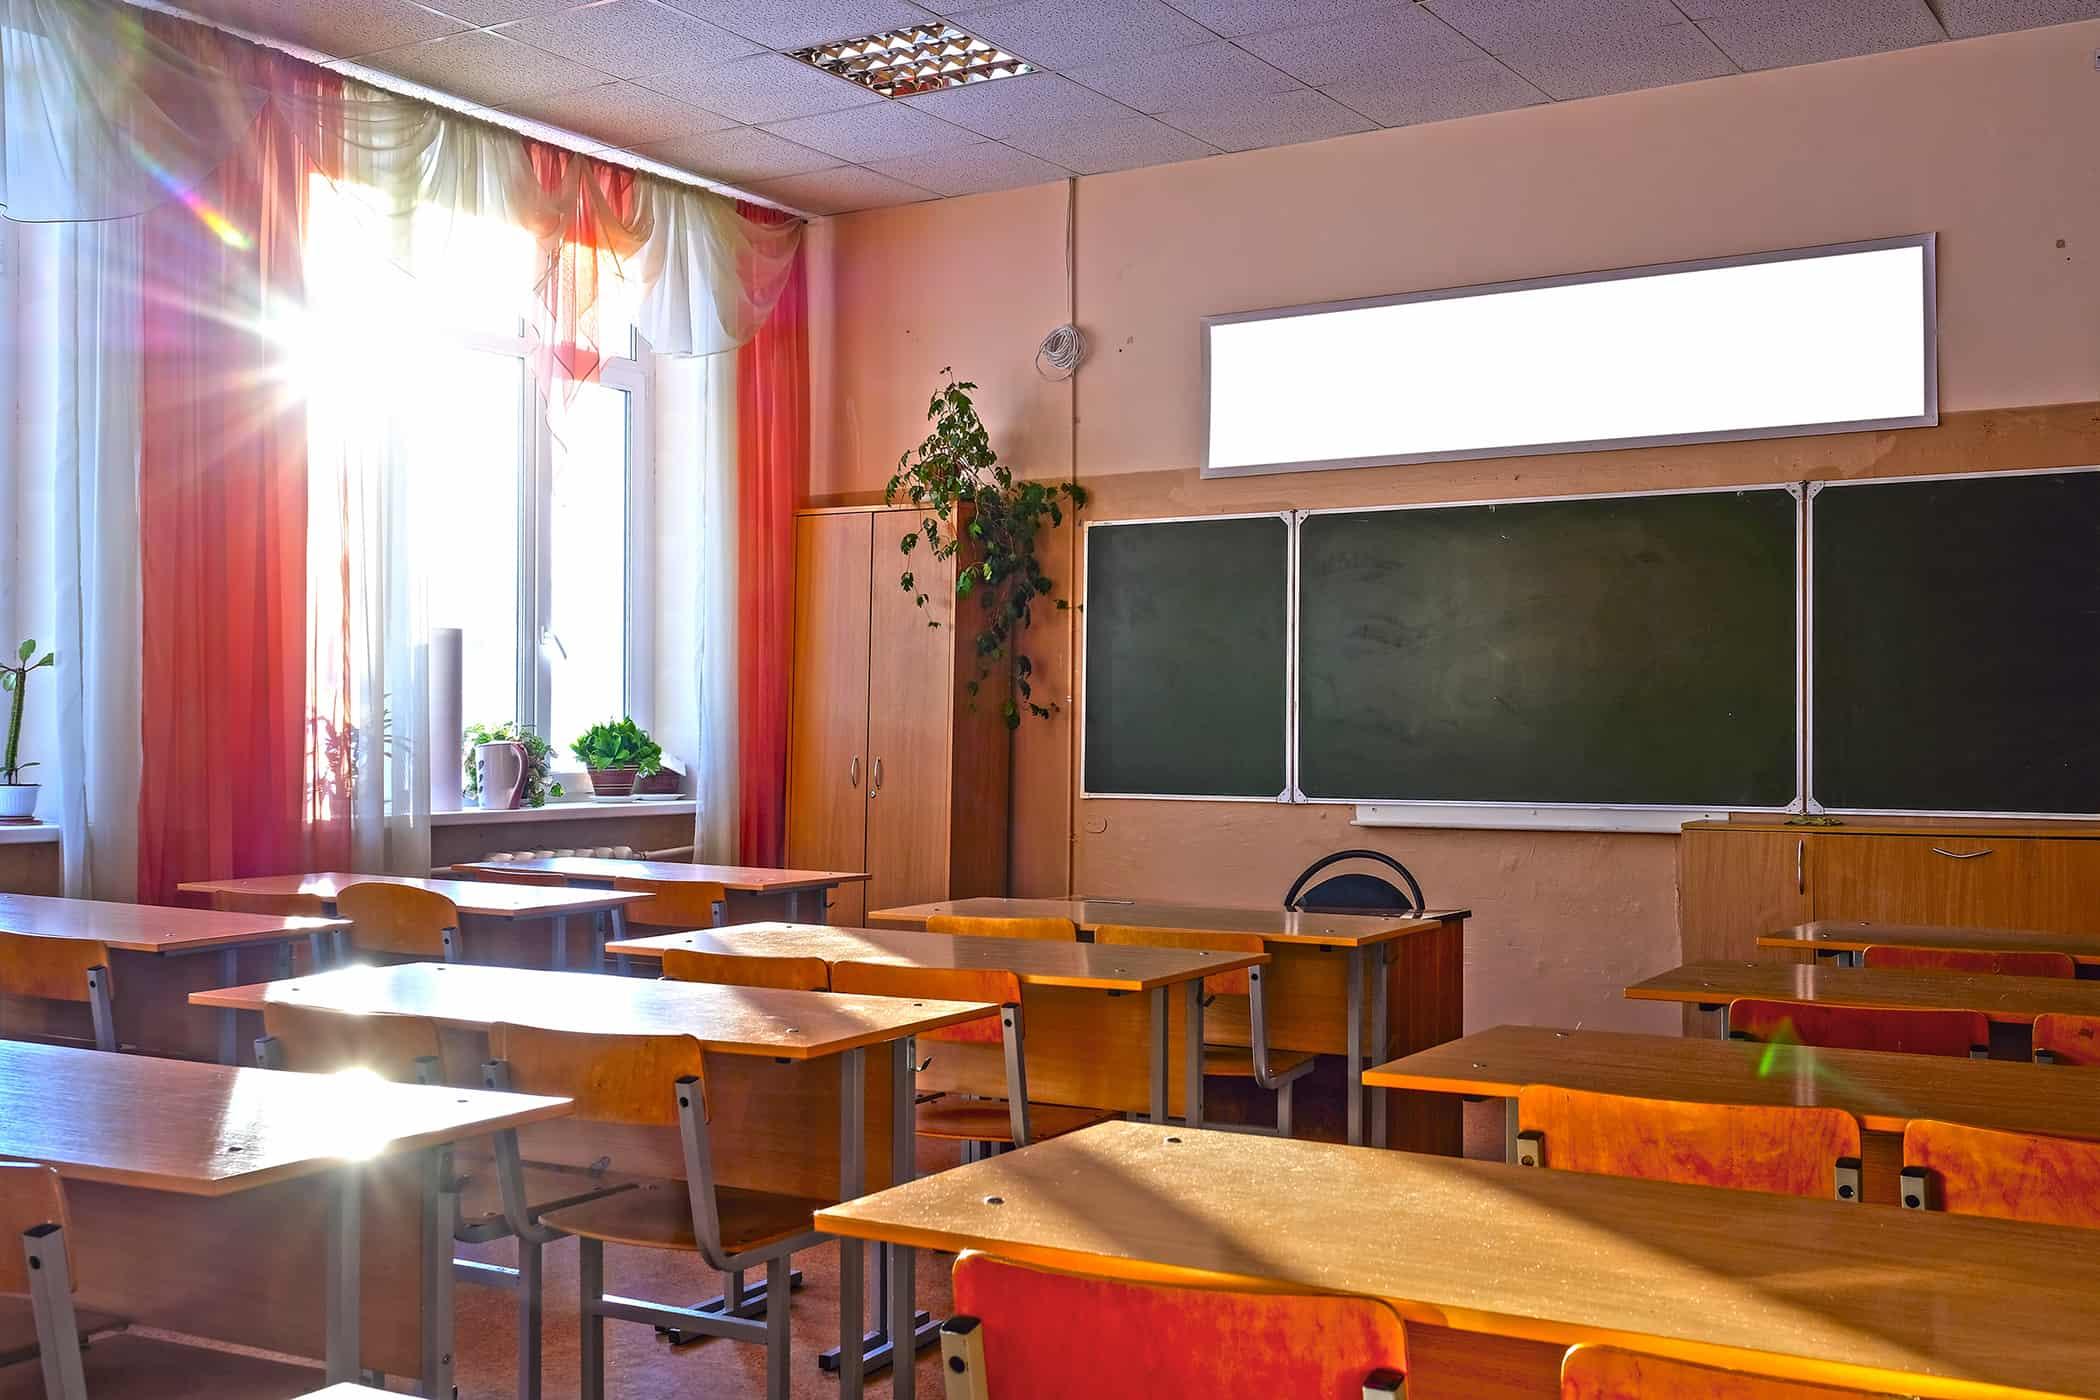 Usmernenie k vysvedčeniam za školský rok 2019/2020 pre základné školy